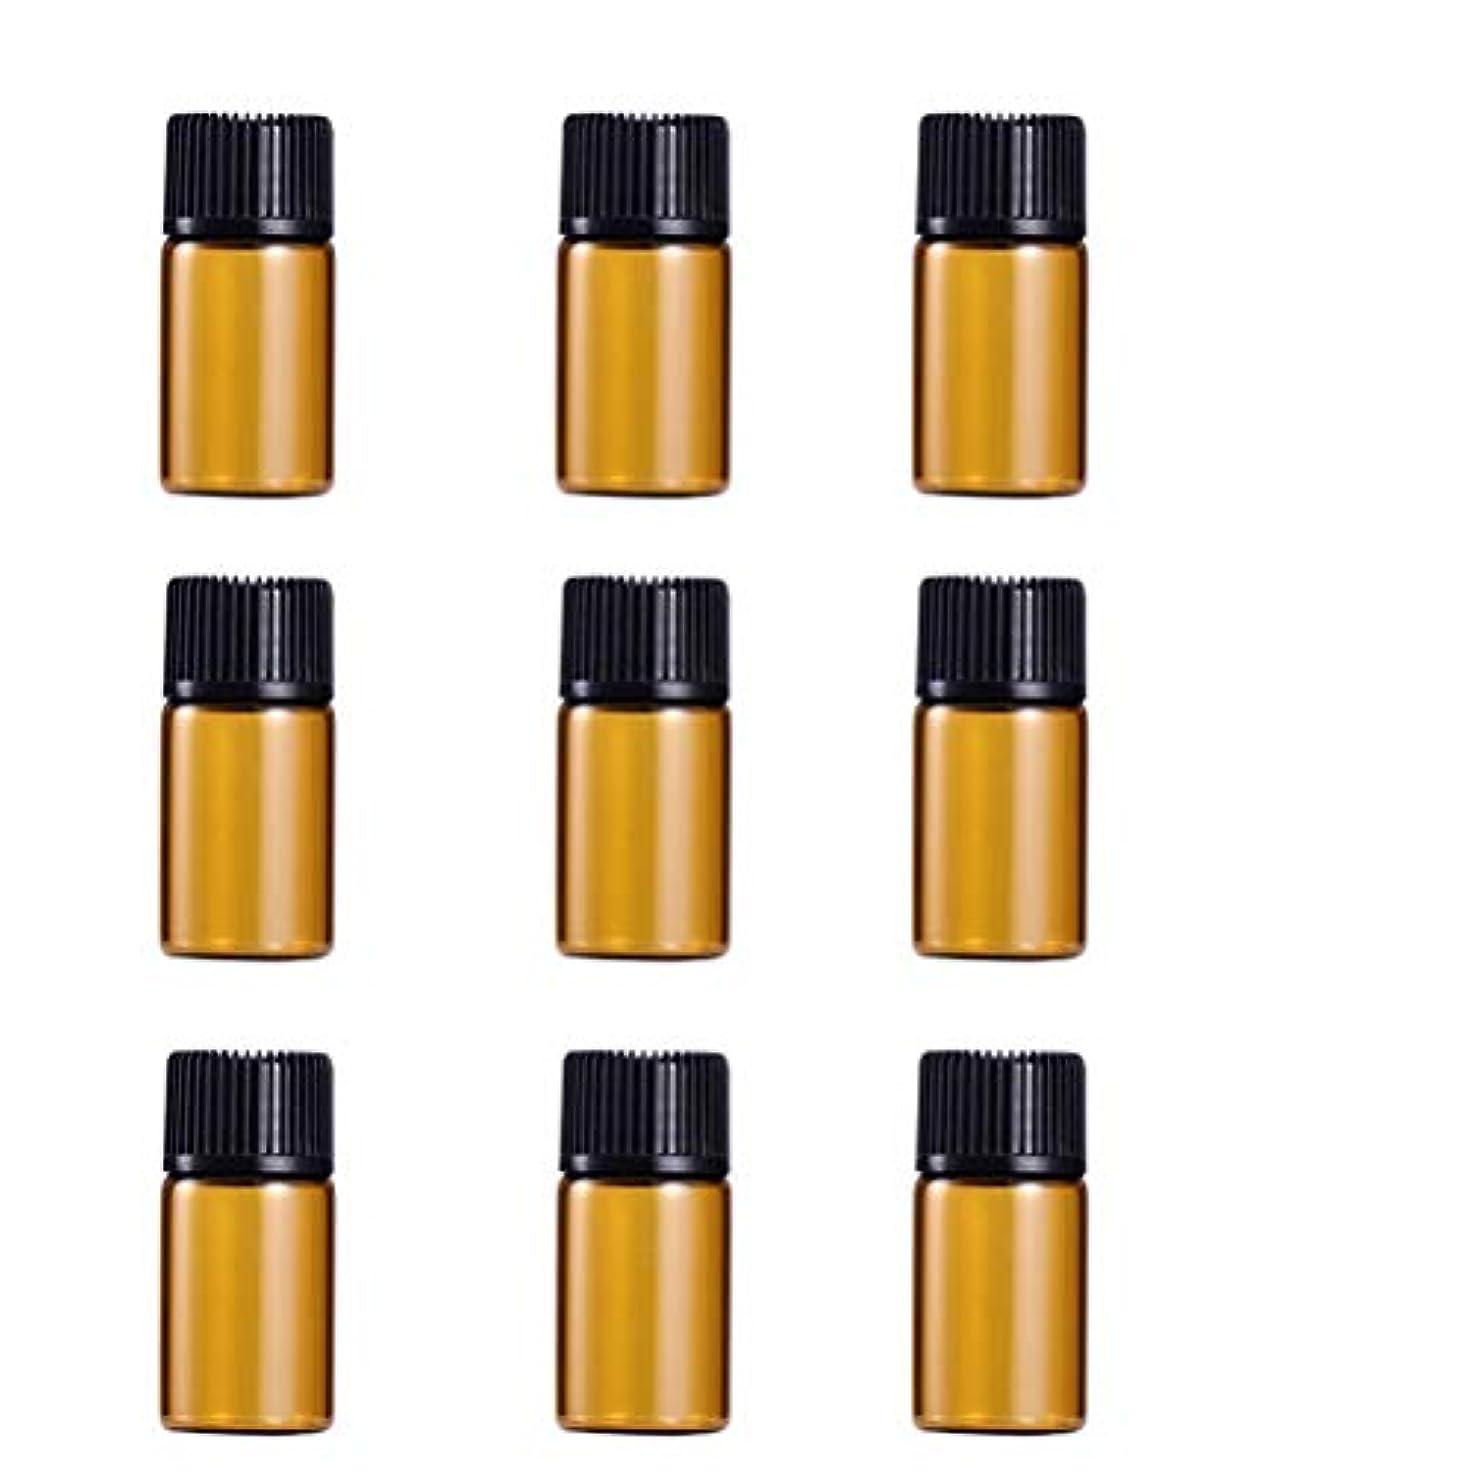 重量北東廃棄WINOMO 遮光瓶 アロマオイル 精油 小分け用 遮光瓶セット アロマボトル 保存容器 エッセンシャルオイル 香水 保存用 詰替え ガラス 茶色(9個入り 3ml)